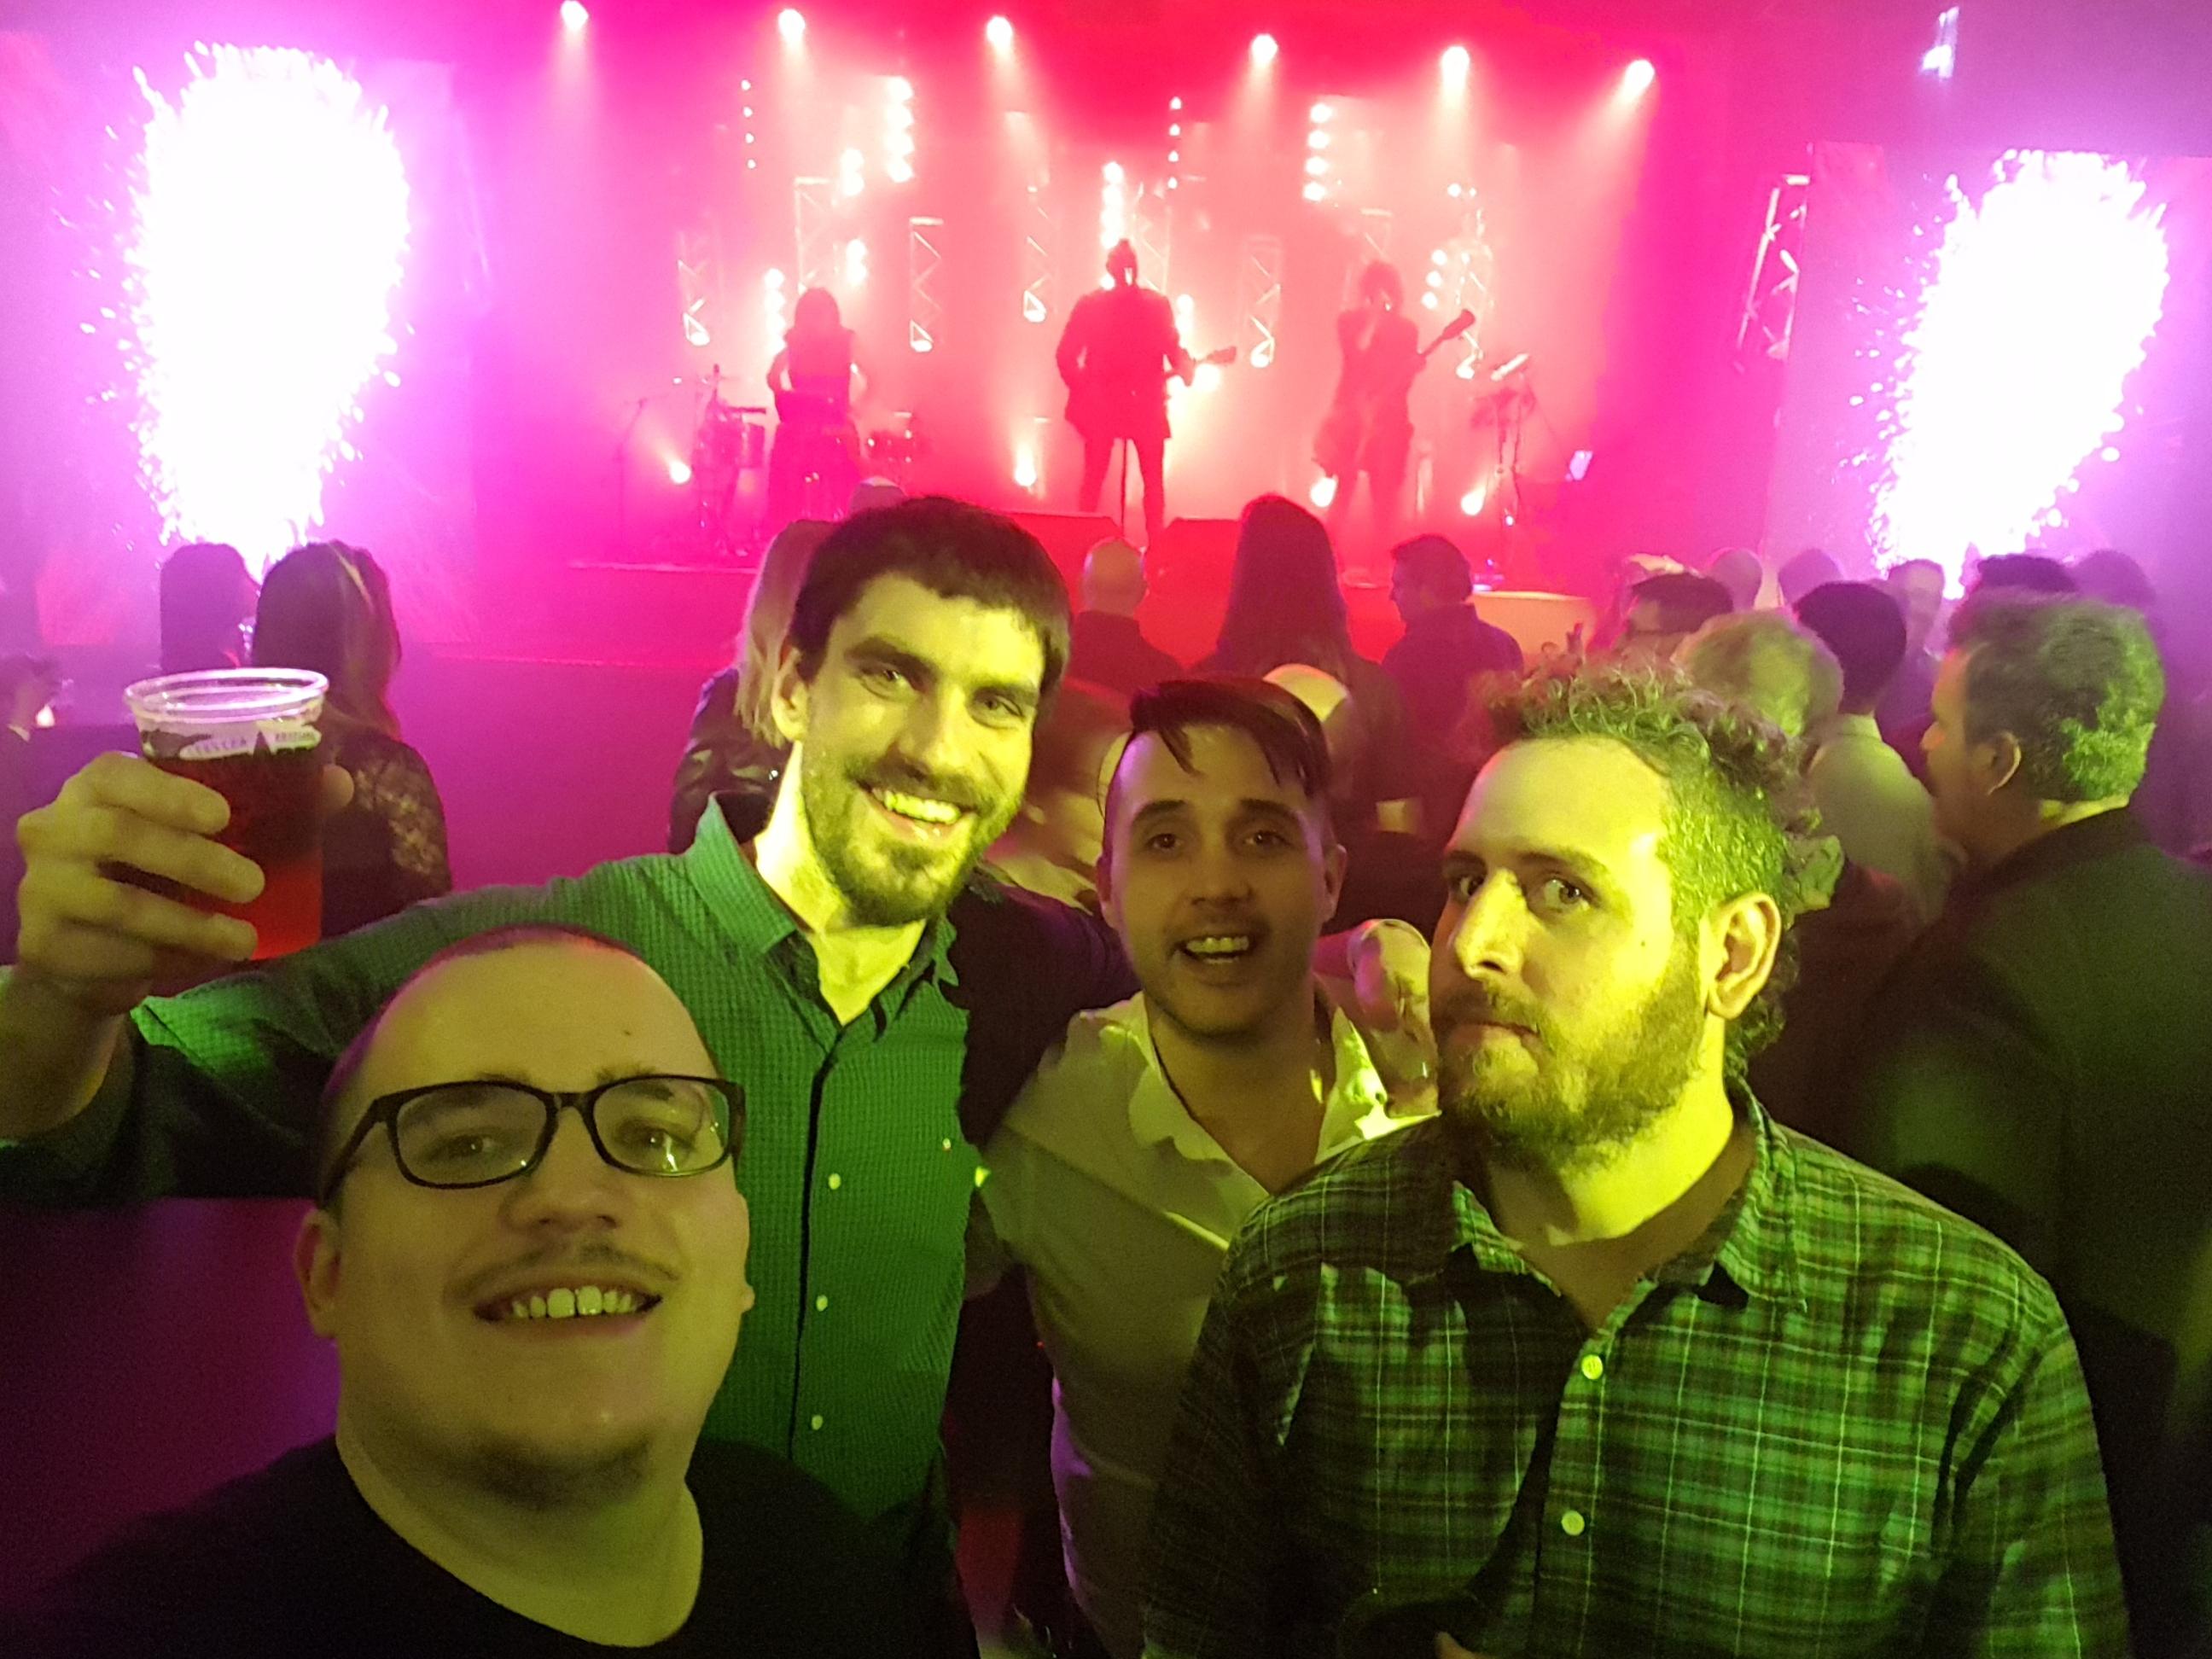 Un festejo manija - Radio Cantilo